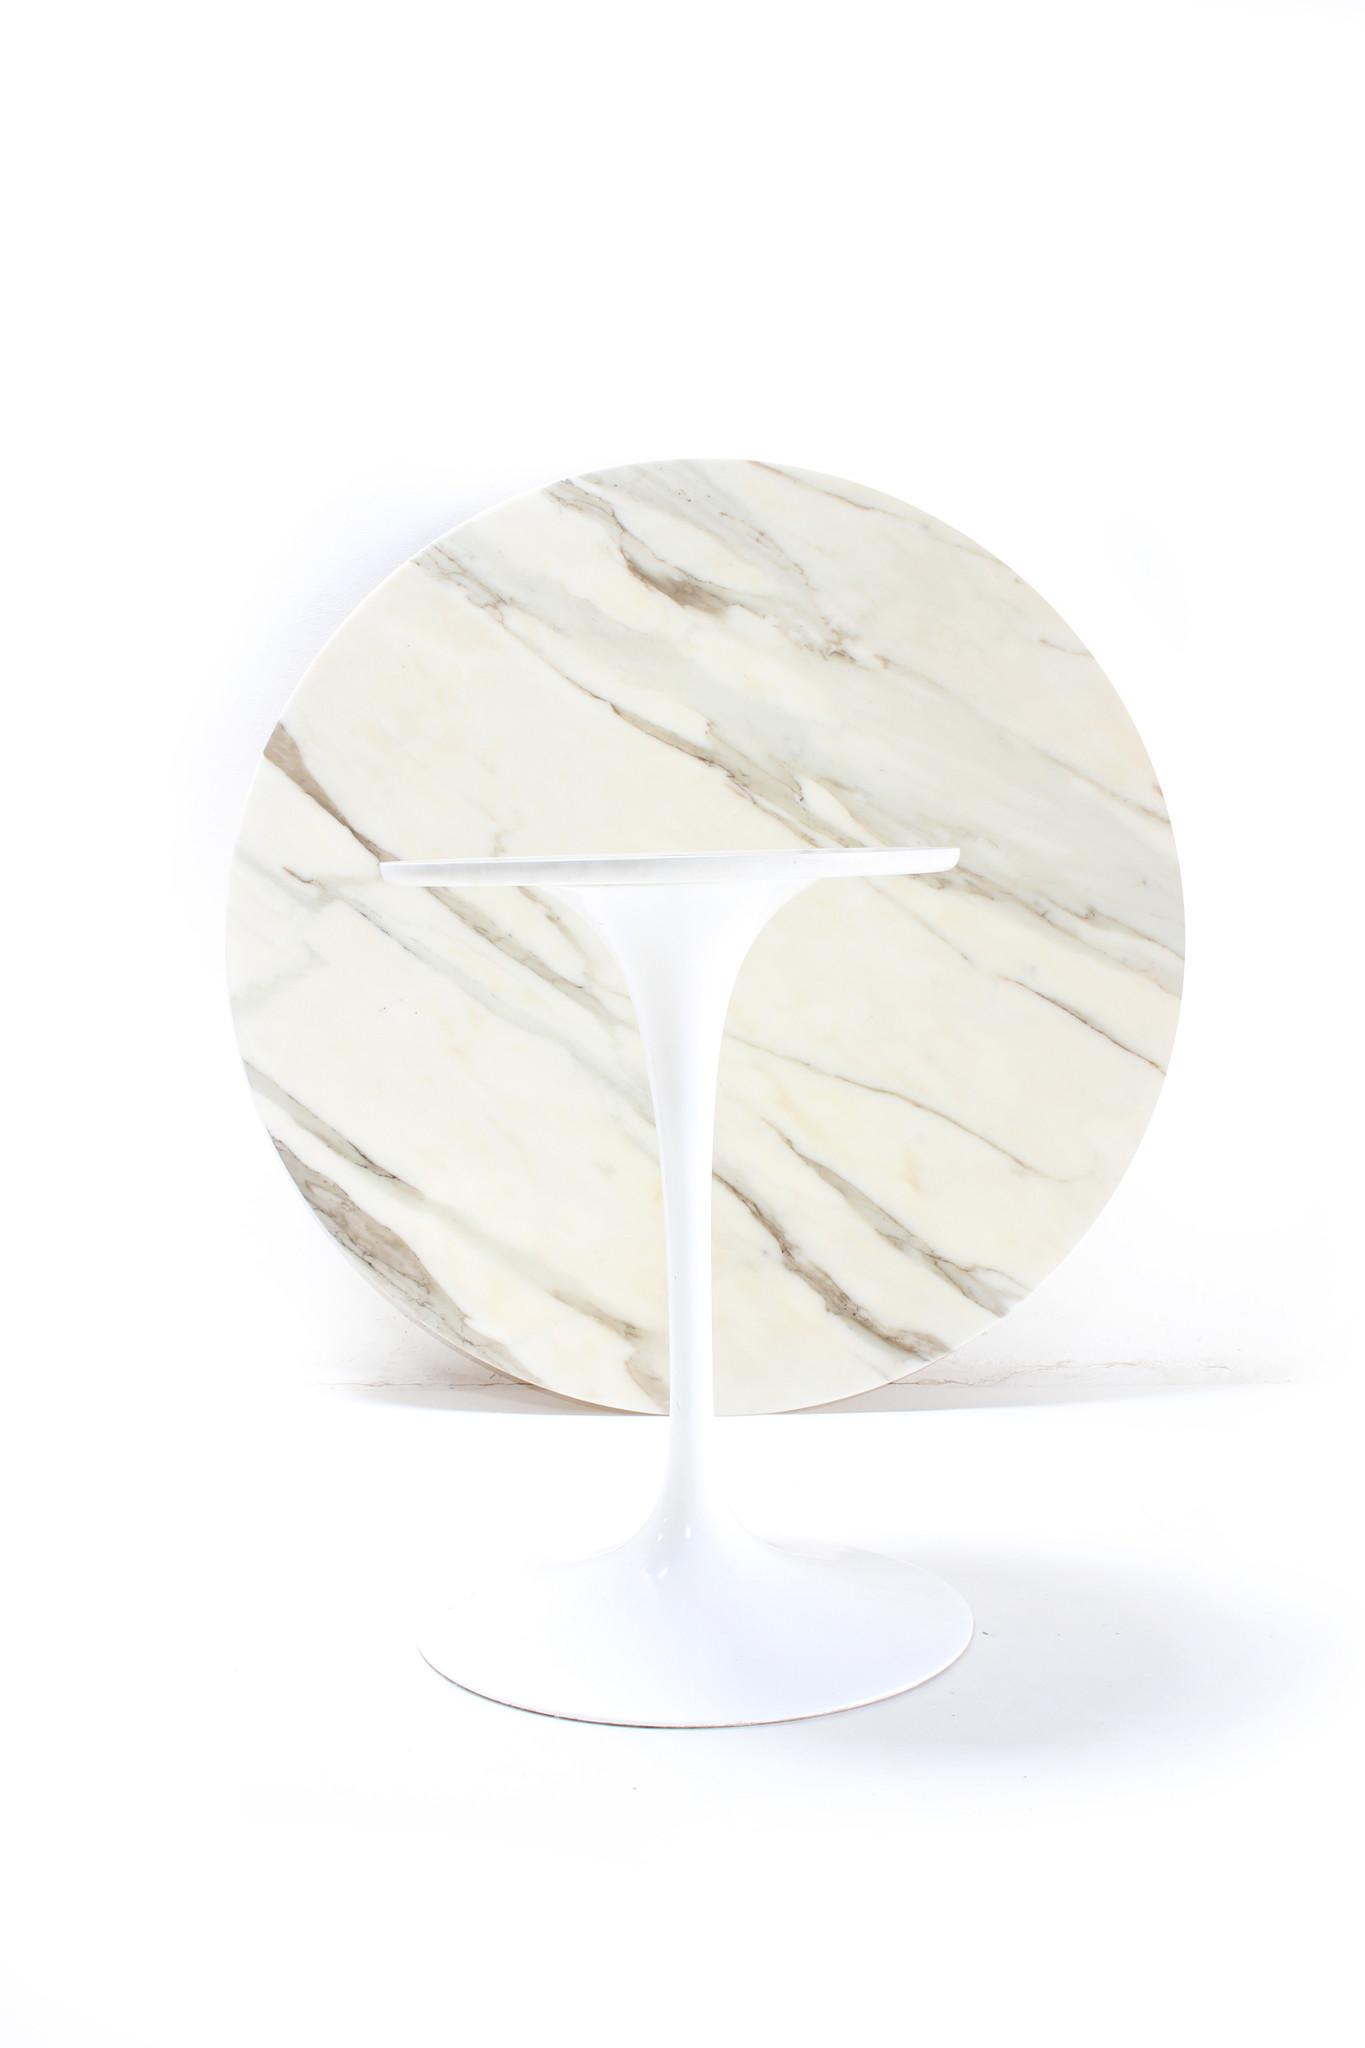 Knoll eettafel door Eero Saarinen voor Knoll International